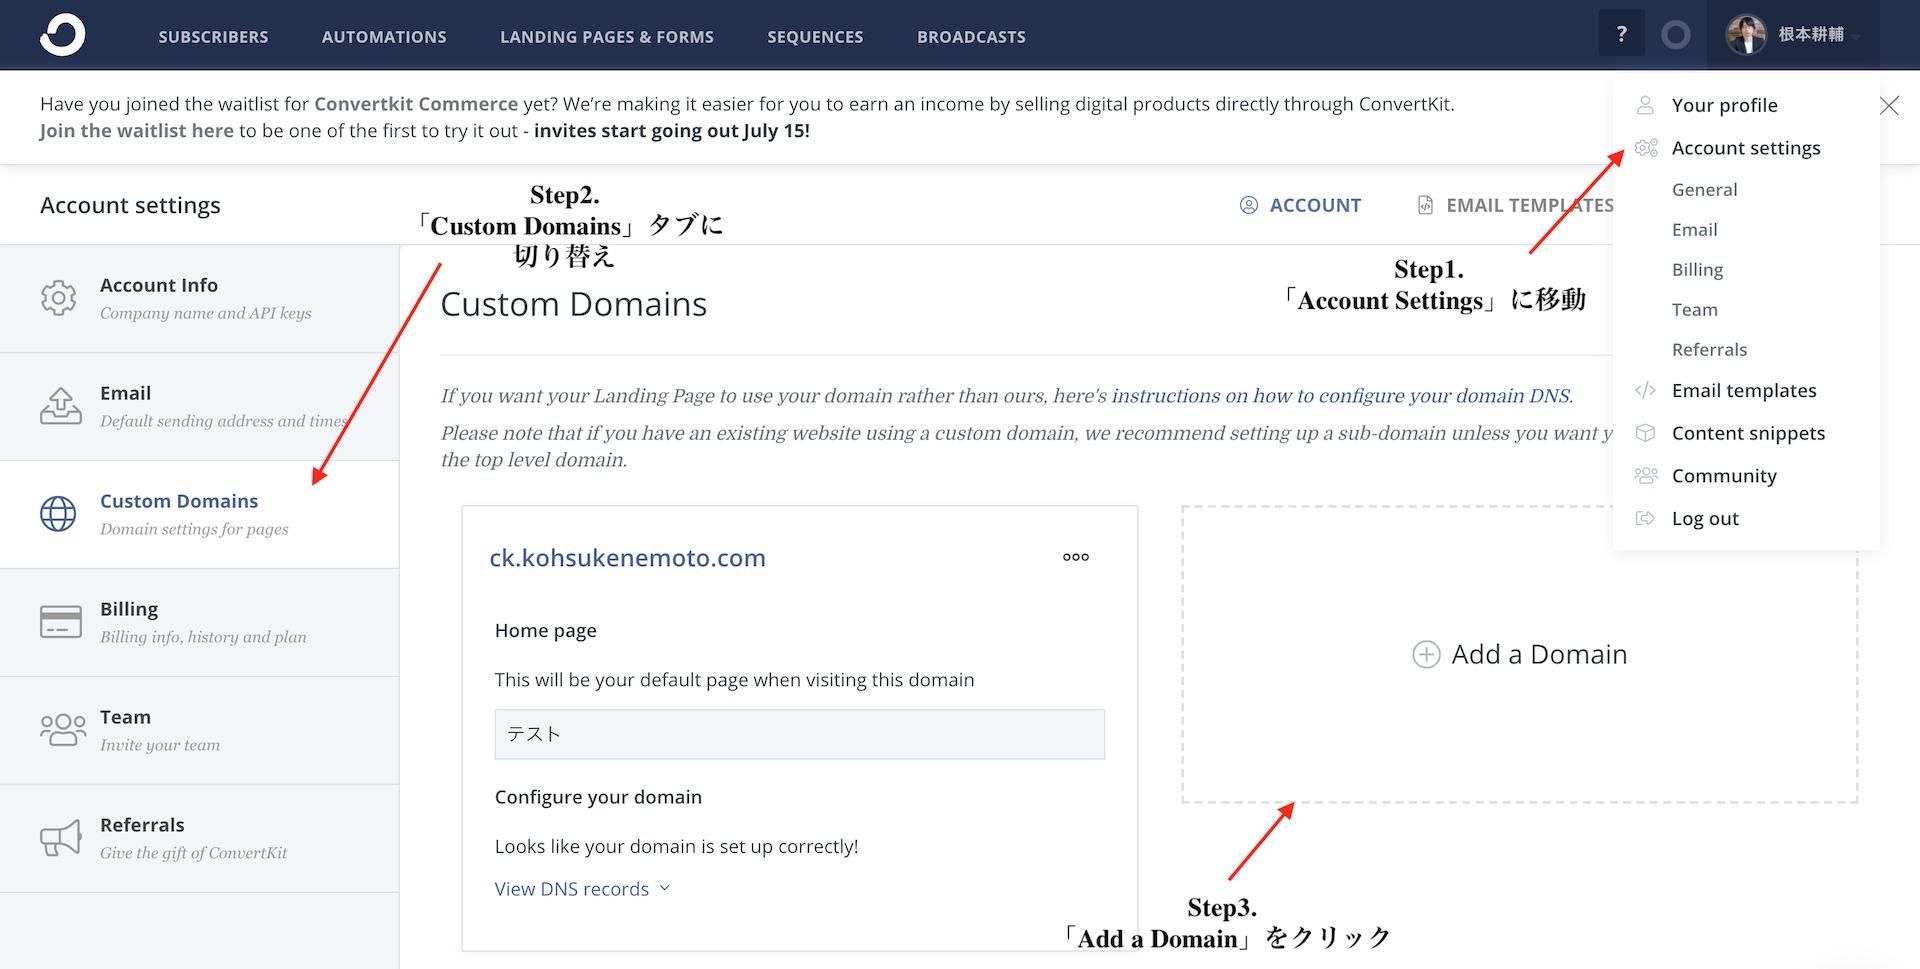 ConvertKitで「Custom Domains」に移動し「Add a Domain」をクリック